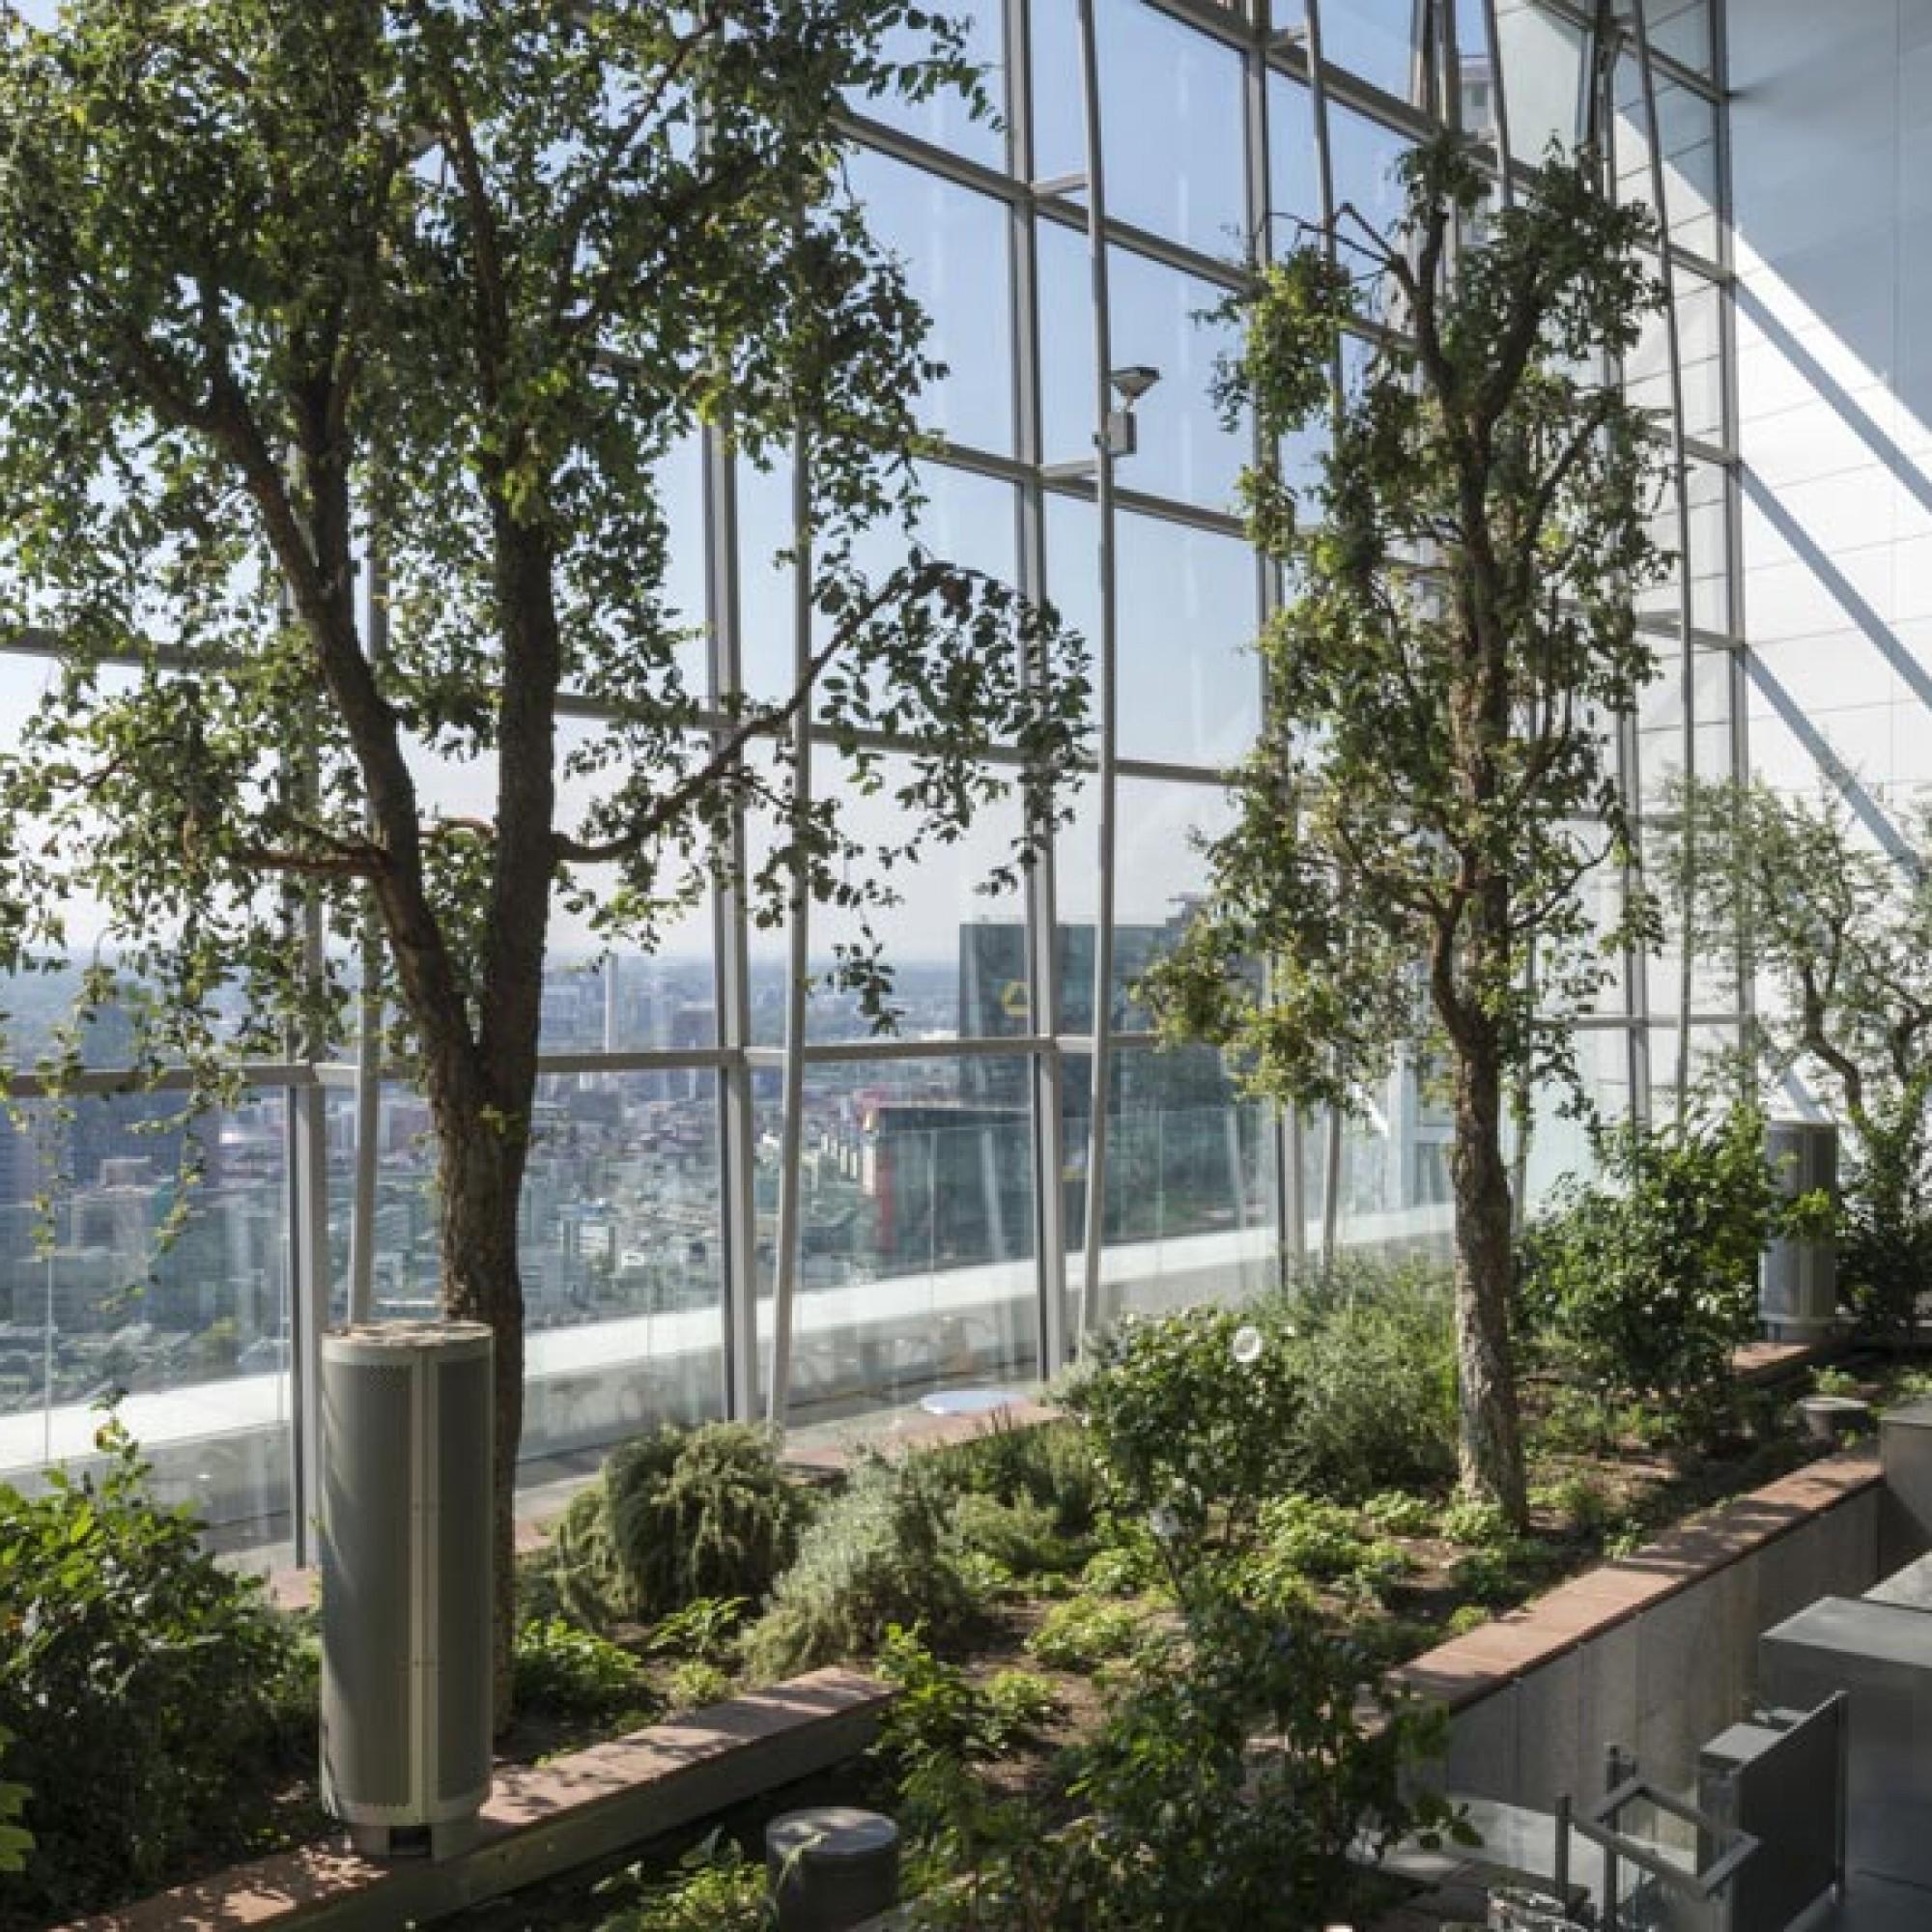 Einer der Skygärten, die sich thematisch den verschiedenen Vegetationszonen widmen.